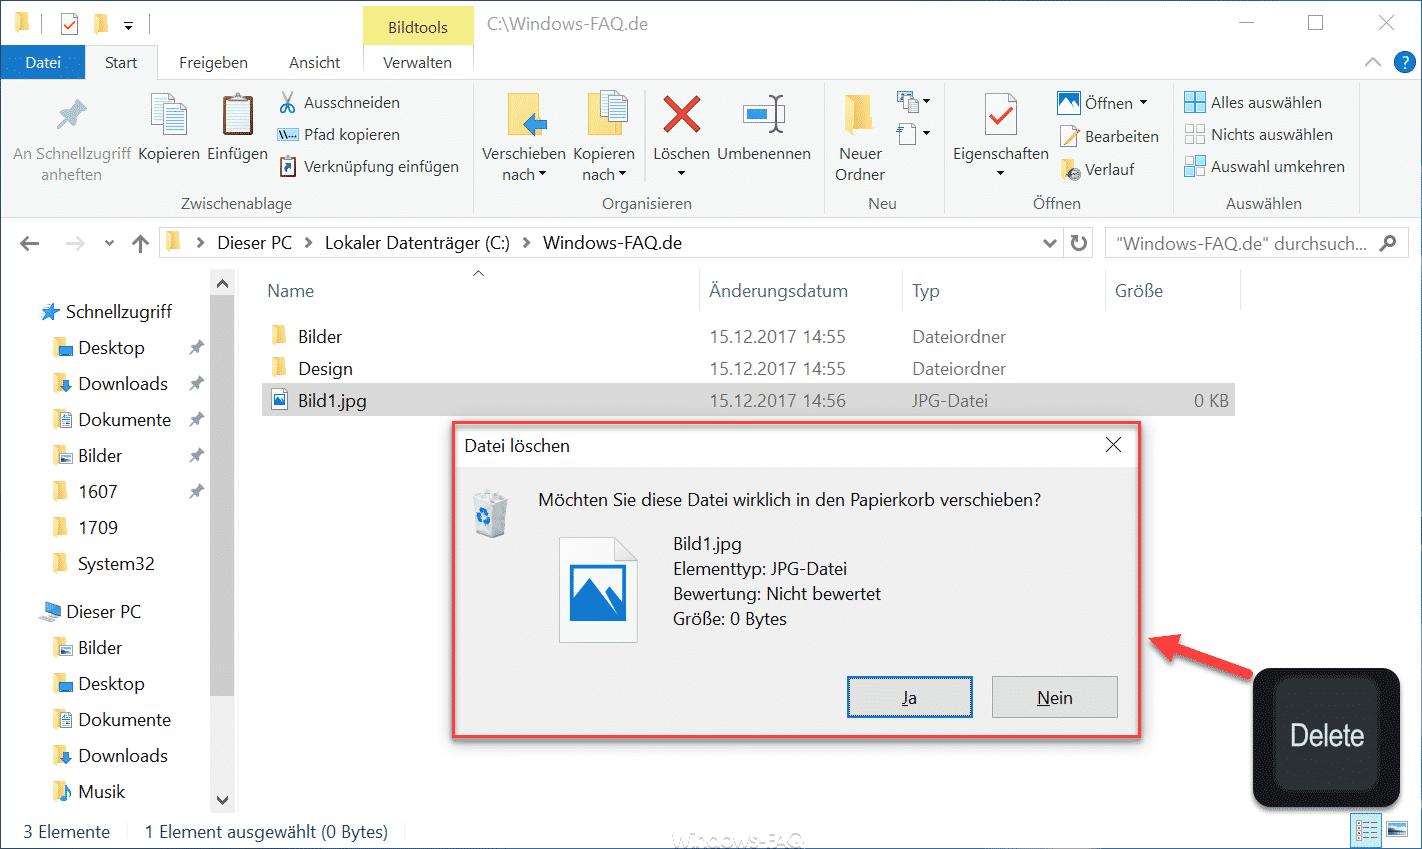 Möchten Sie diese Datei wirklich in den Papierkorb verschieben